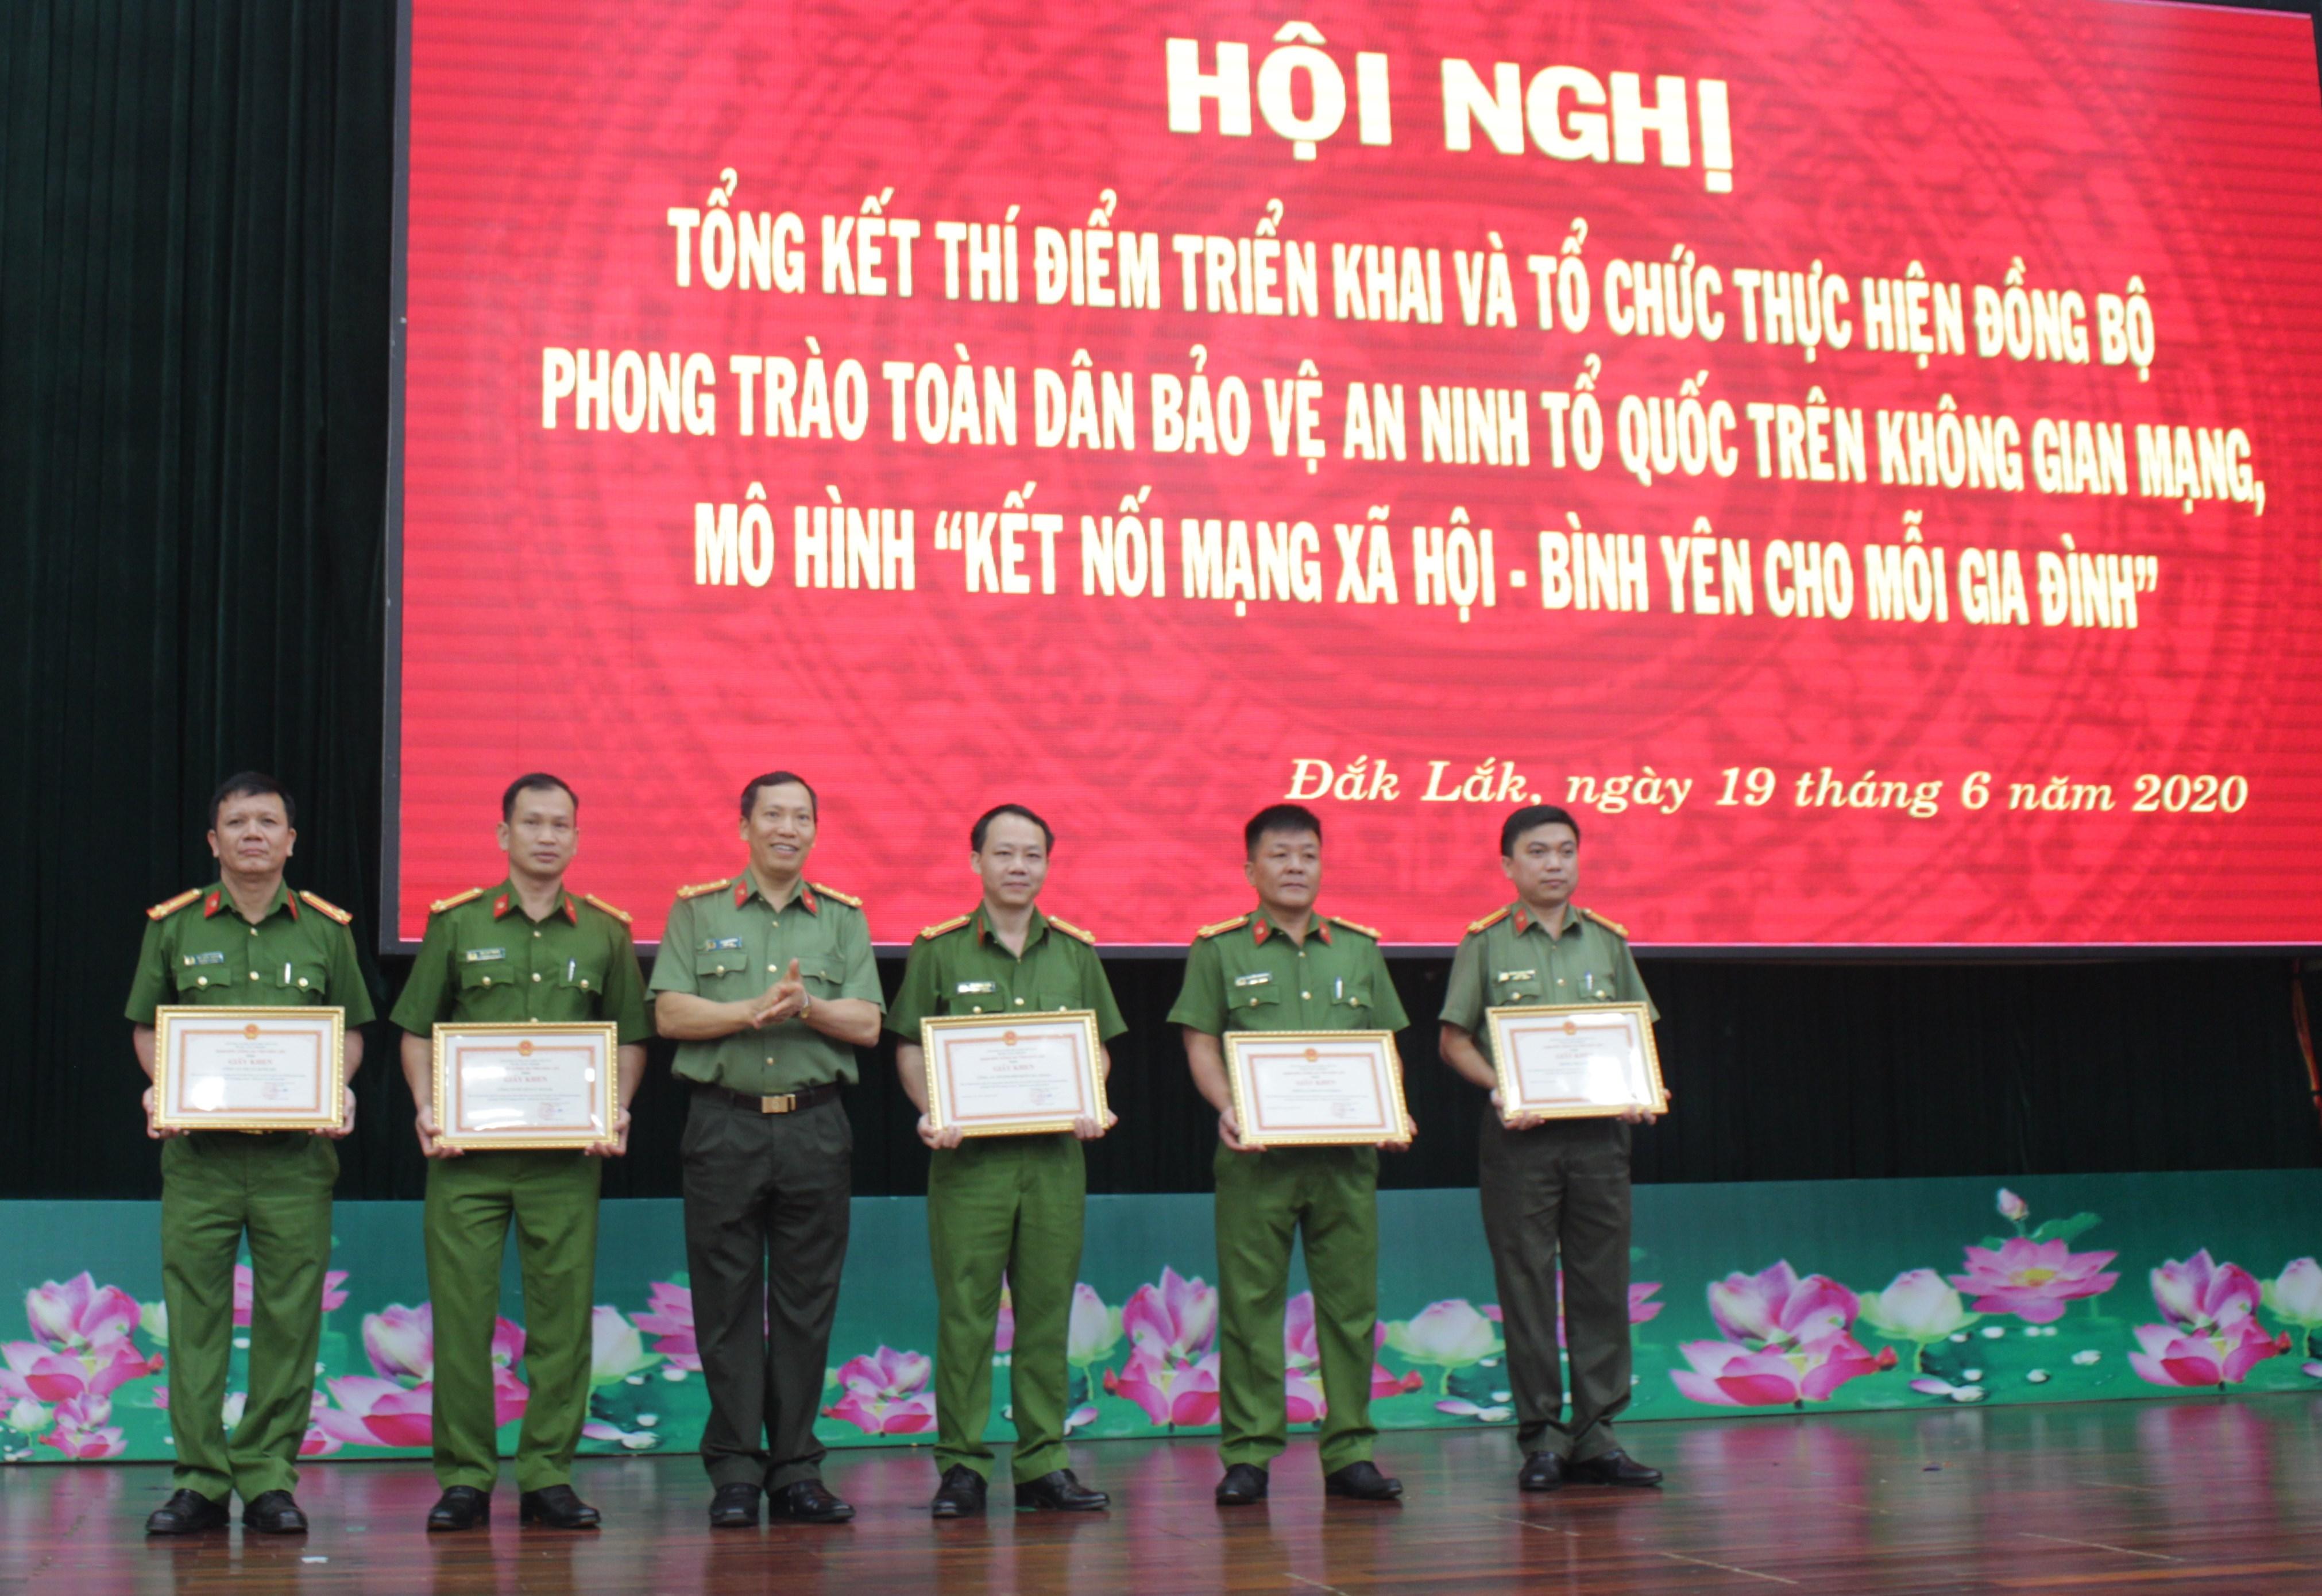 """Giám đốc Công an tỉnh Đăk Lăk Lê Văn Tuyến tặng giấy khen cho các tập thể có thành tích xuất sắc trong phong trào """"Toàn dân bảo vệ an ninh Tổ quốc"""" trên không gian mạng"""